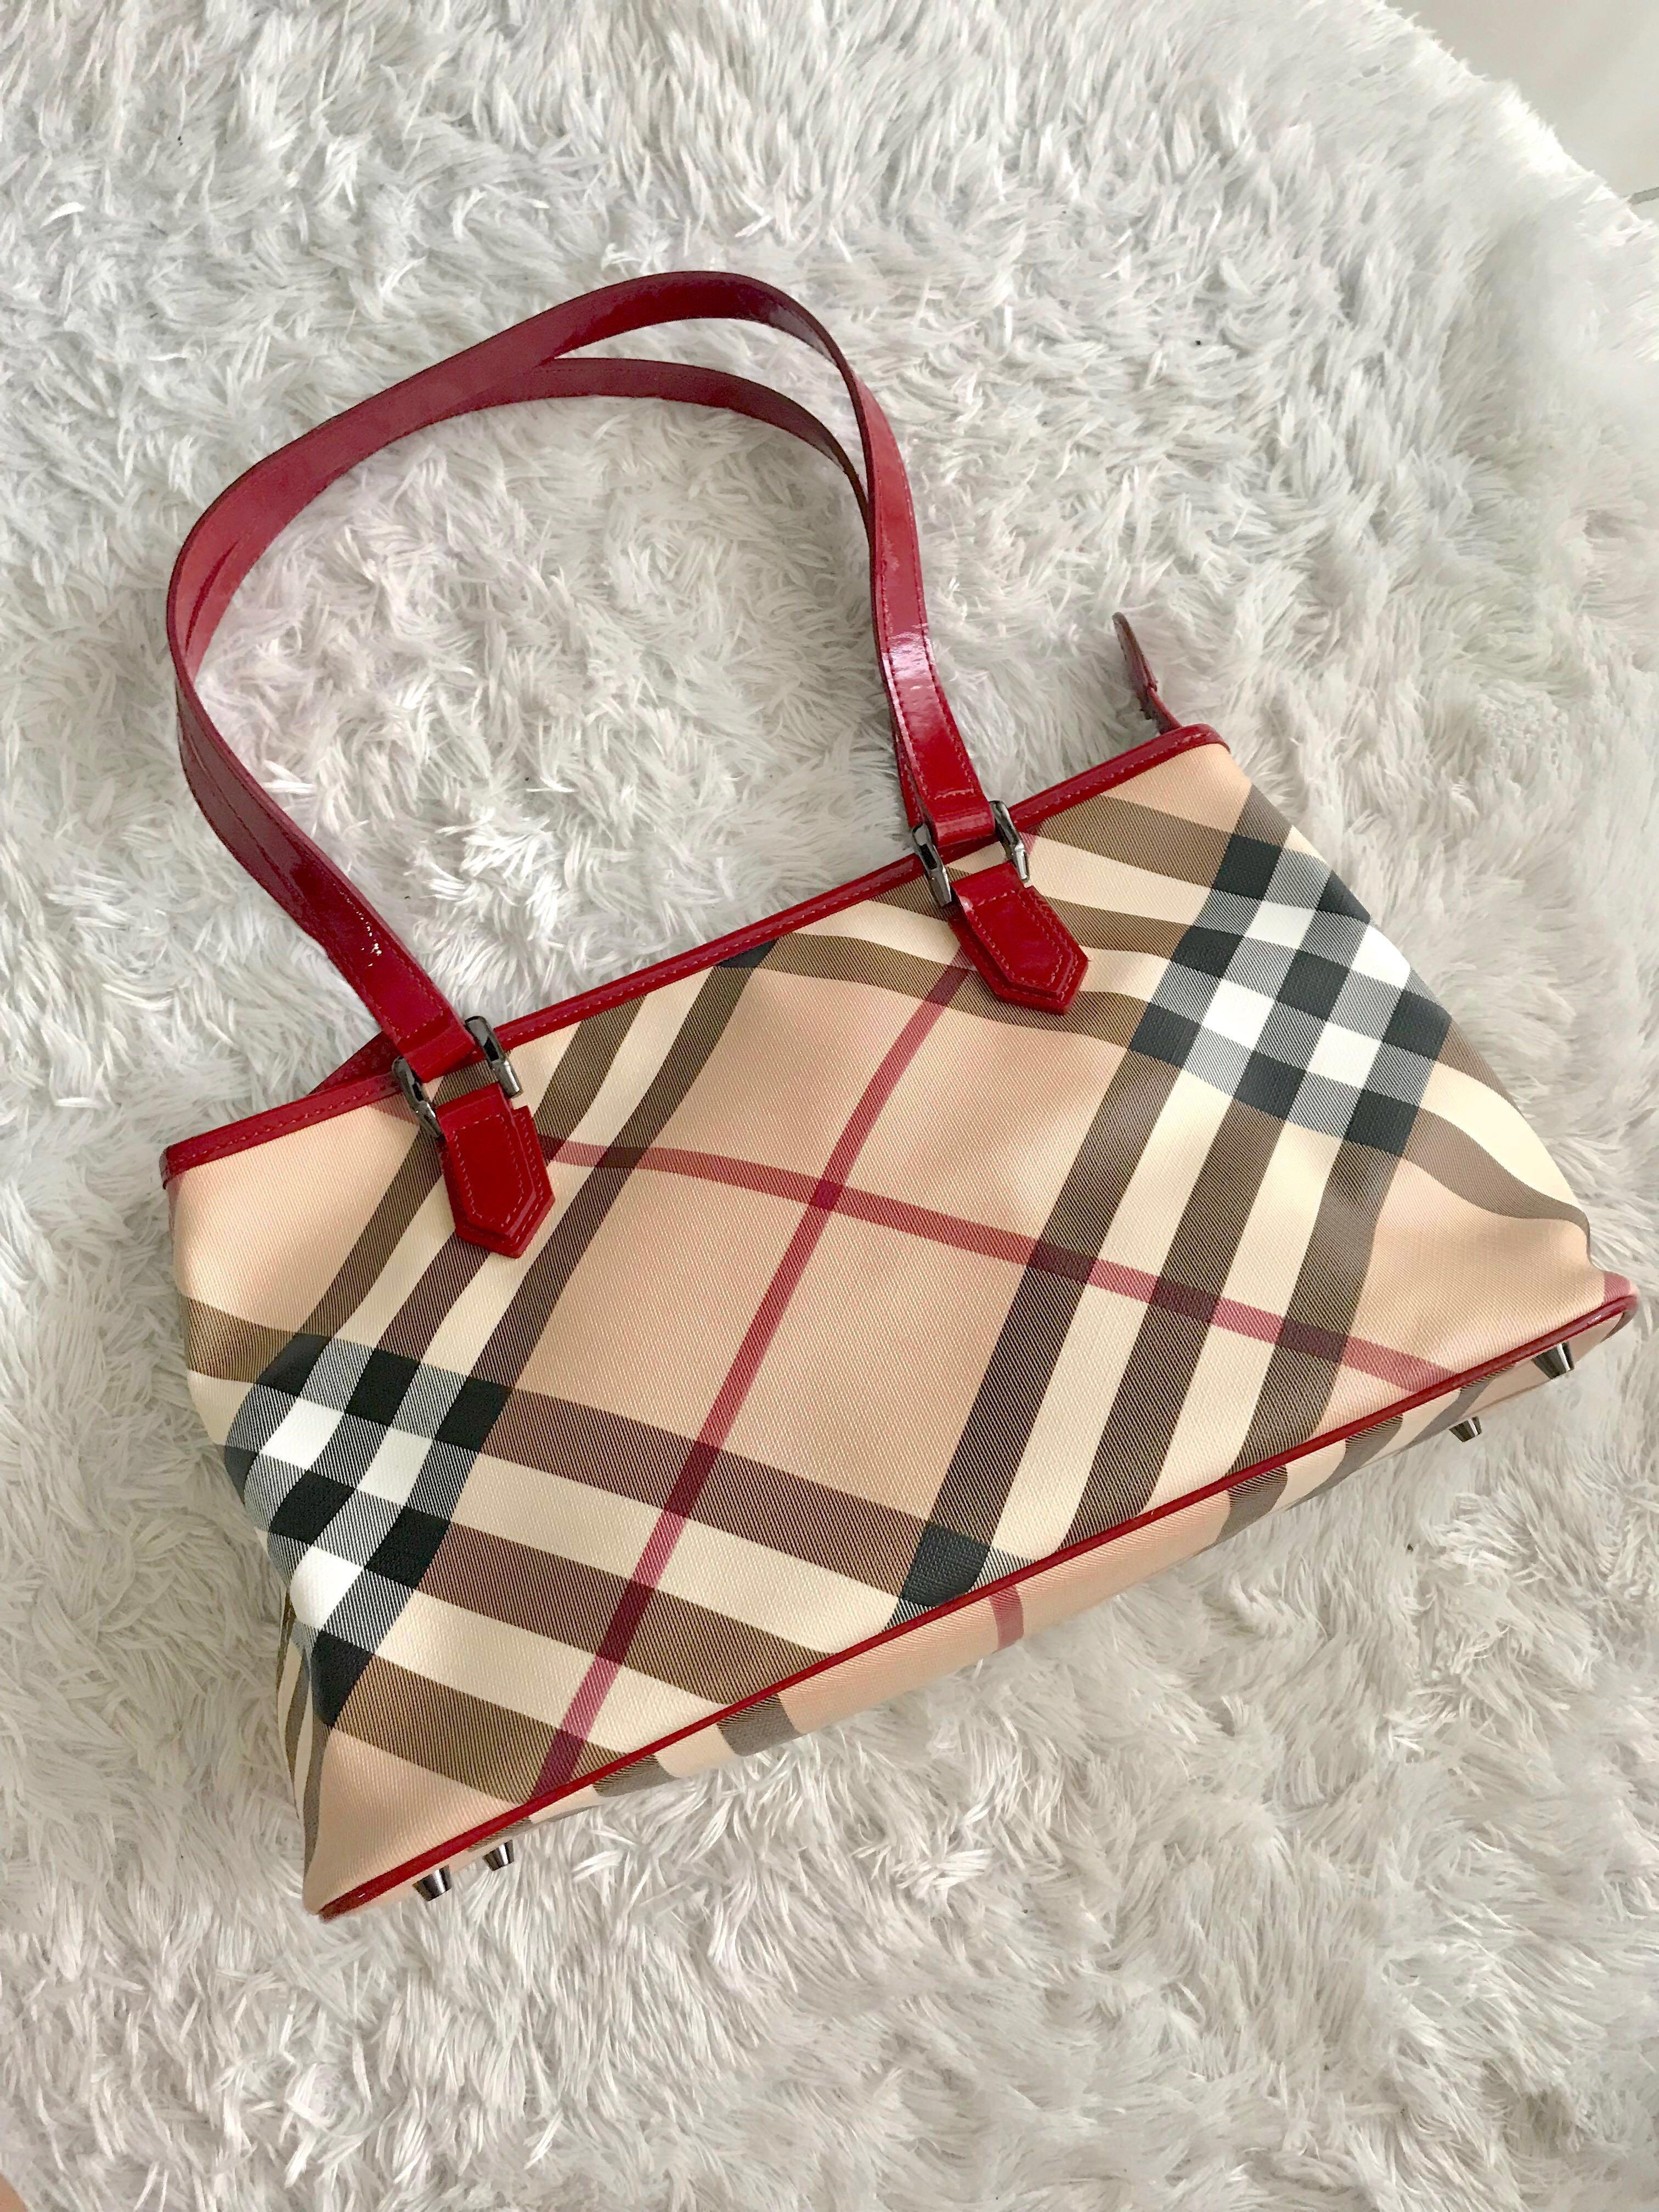 93989bc1d8ff Burberry Nova Regent Red Check Shoulder Tote Bag